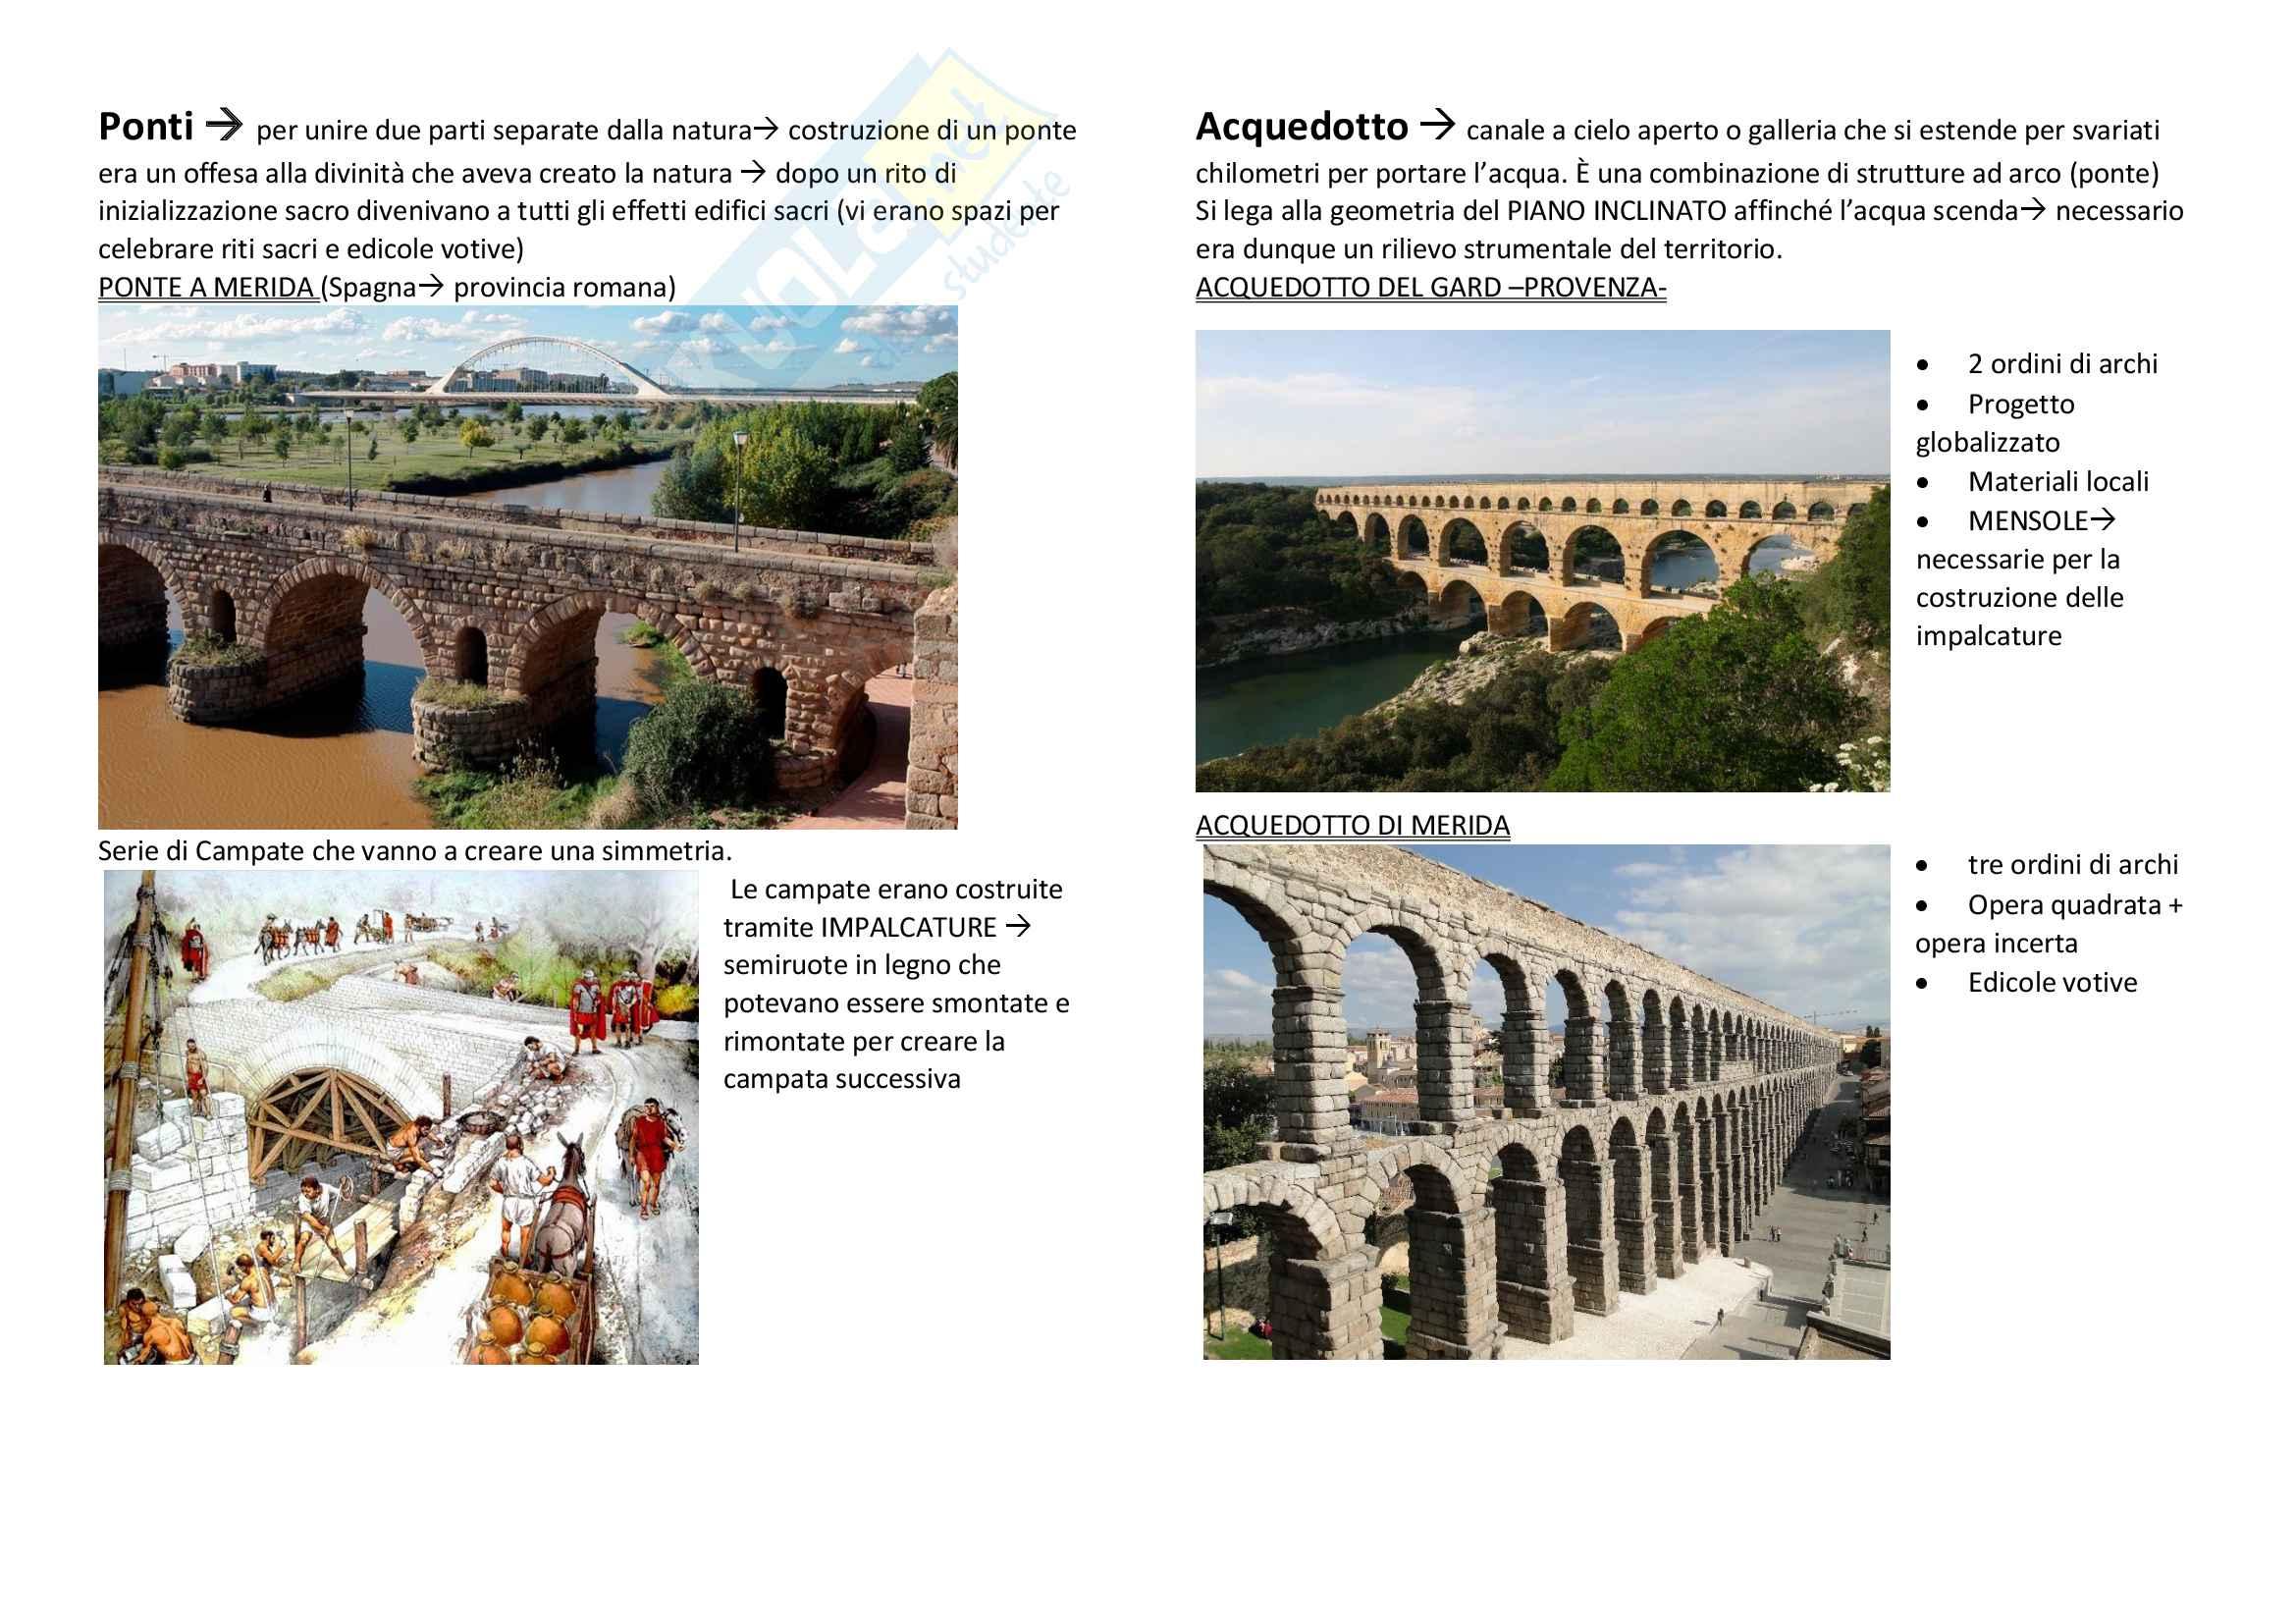 Storia dell'architettura dalle origini al '600 Pag. 11